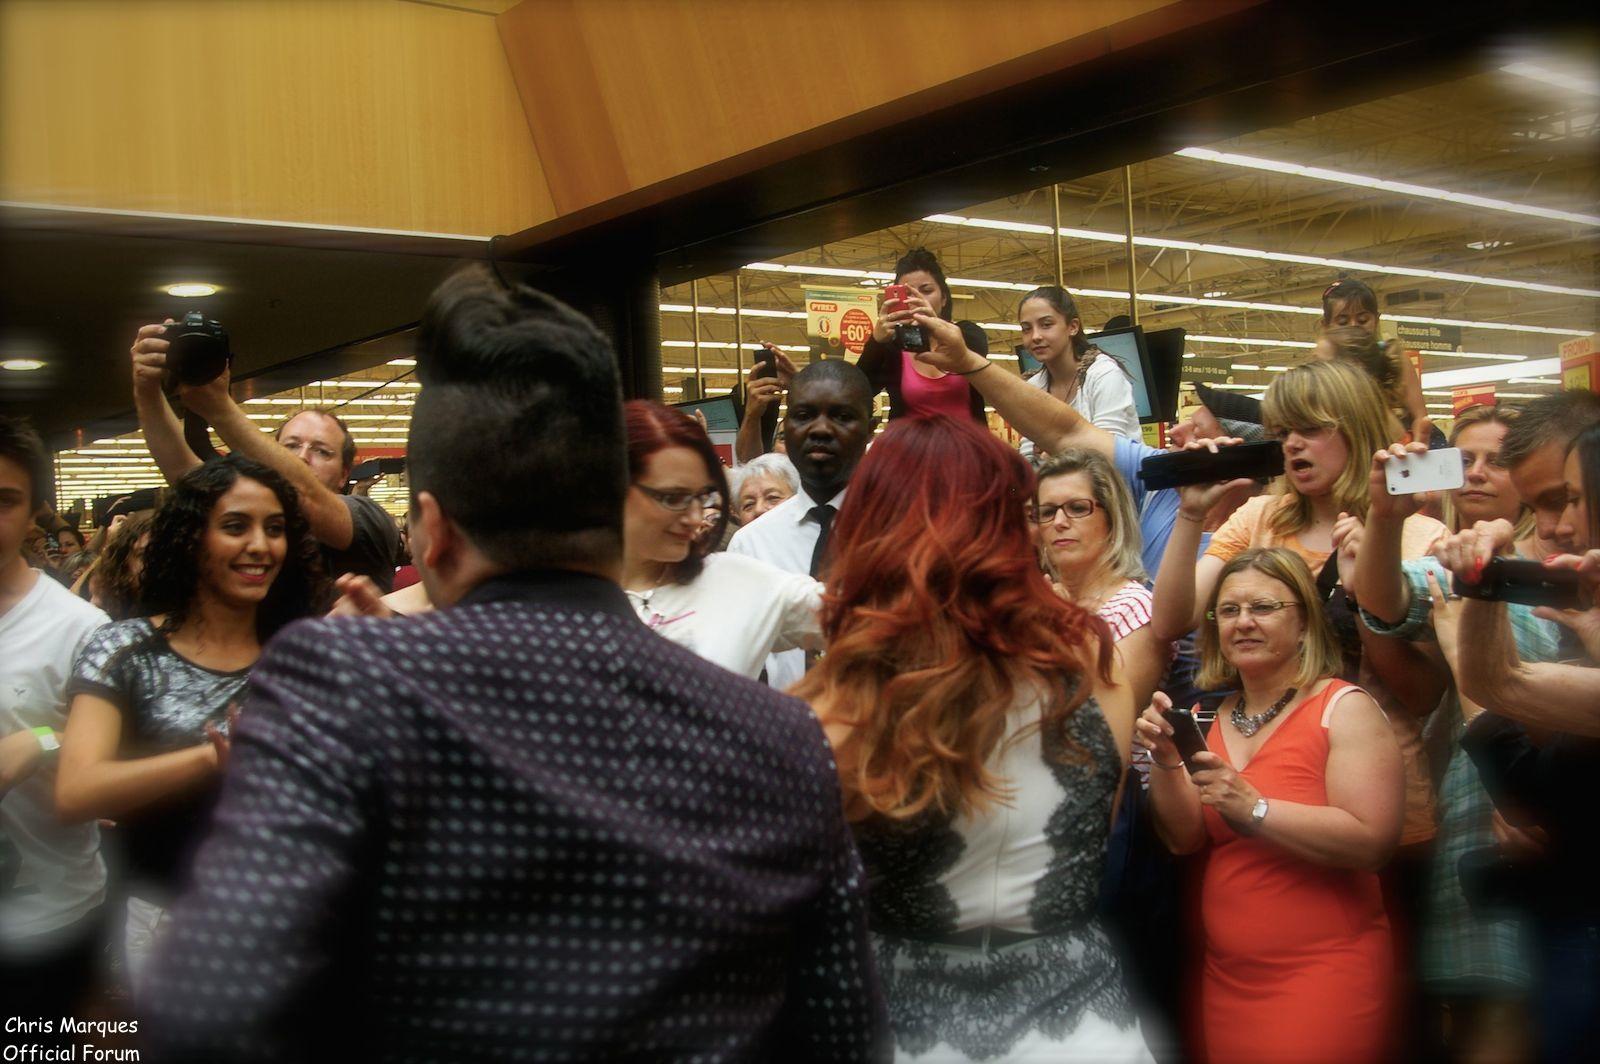 [14.06.2014] Evénement à #Colmar Chris Marques et Jaclyn Spencer pour un Flashmob/Cours de Danse/Dédicaces exceptionnels le tout organisé par la MJC de Colmar 1812